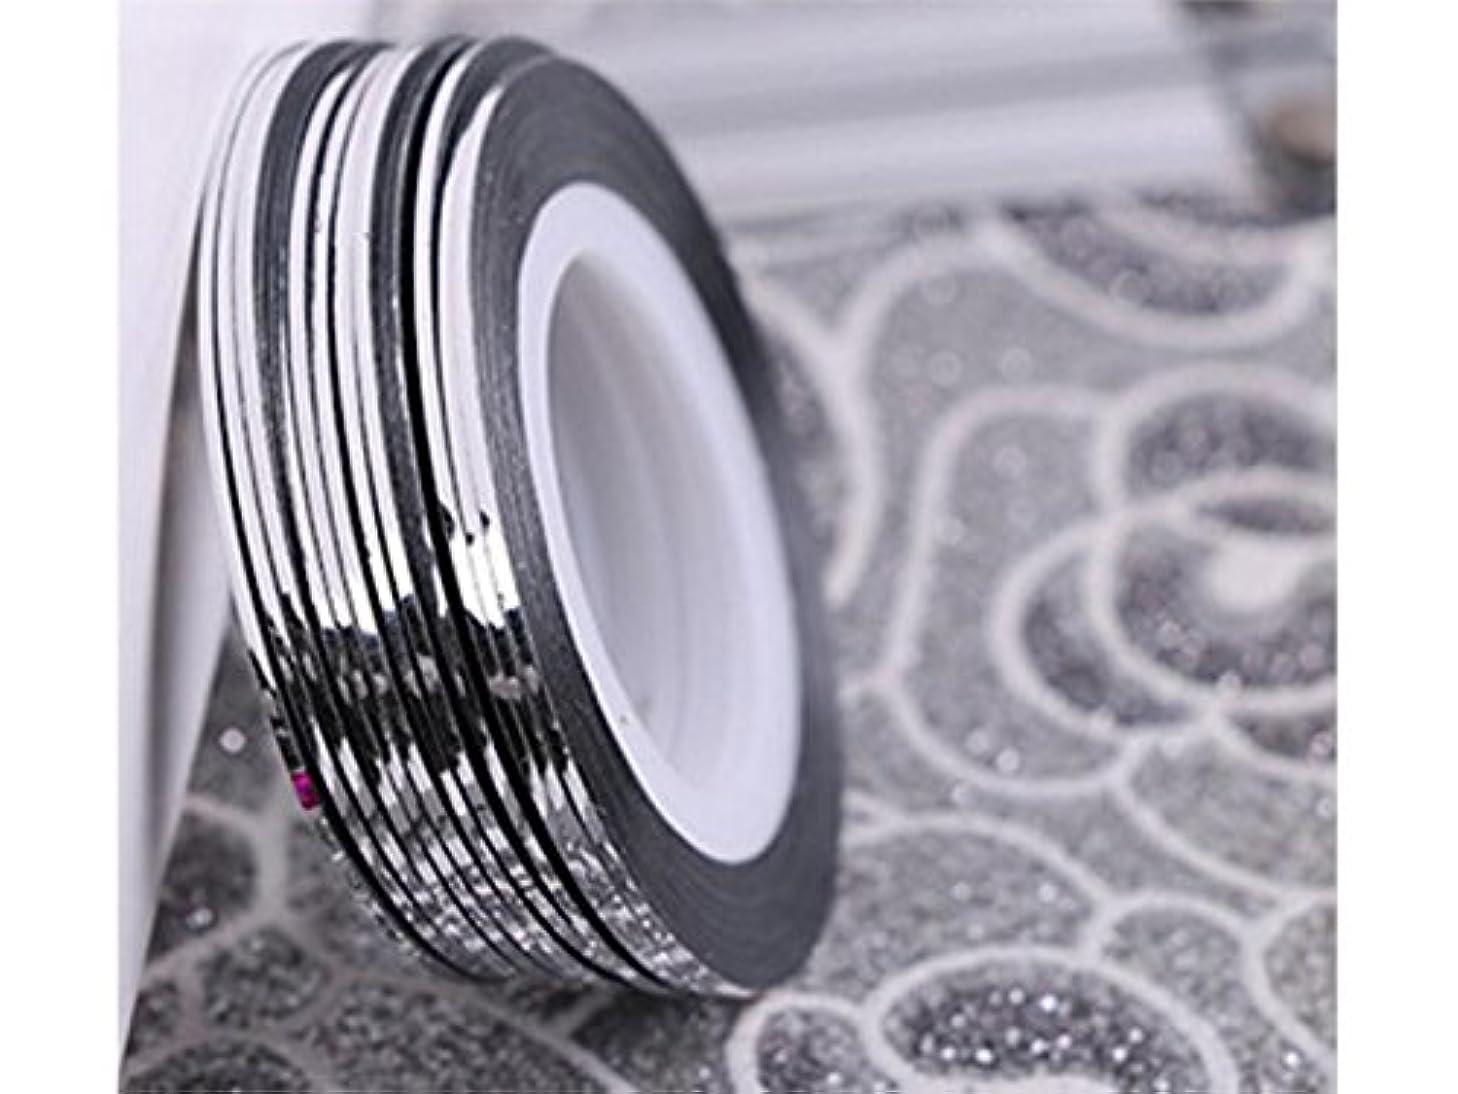 救援霊繁栄するOsize ネイルアートキラキラゴールドシルバーストリップラインリボンストライプ装飾ツールネイルステッカーストライピングテープラインネイルアートデコレーション(シルバー)